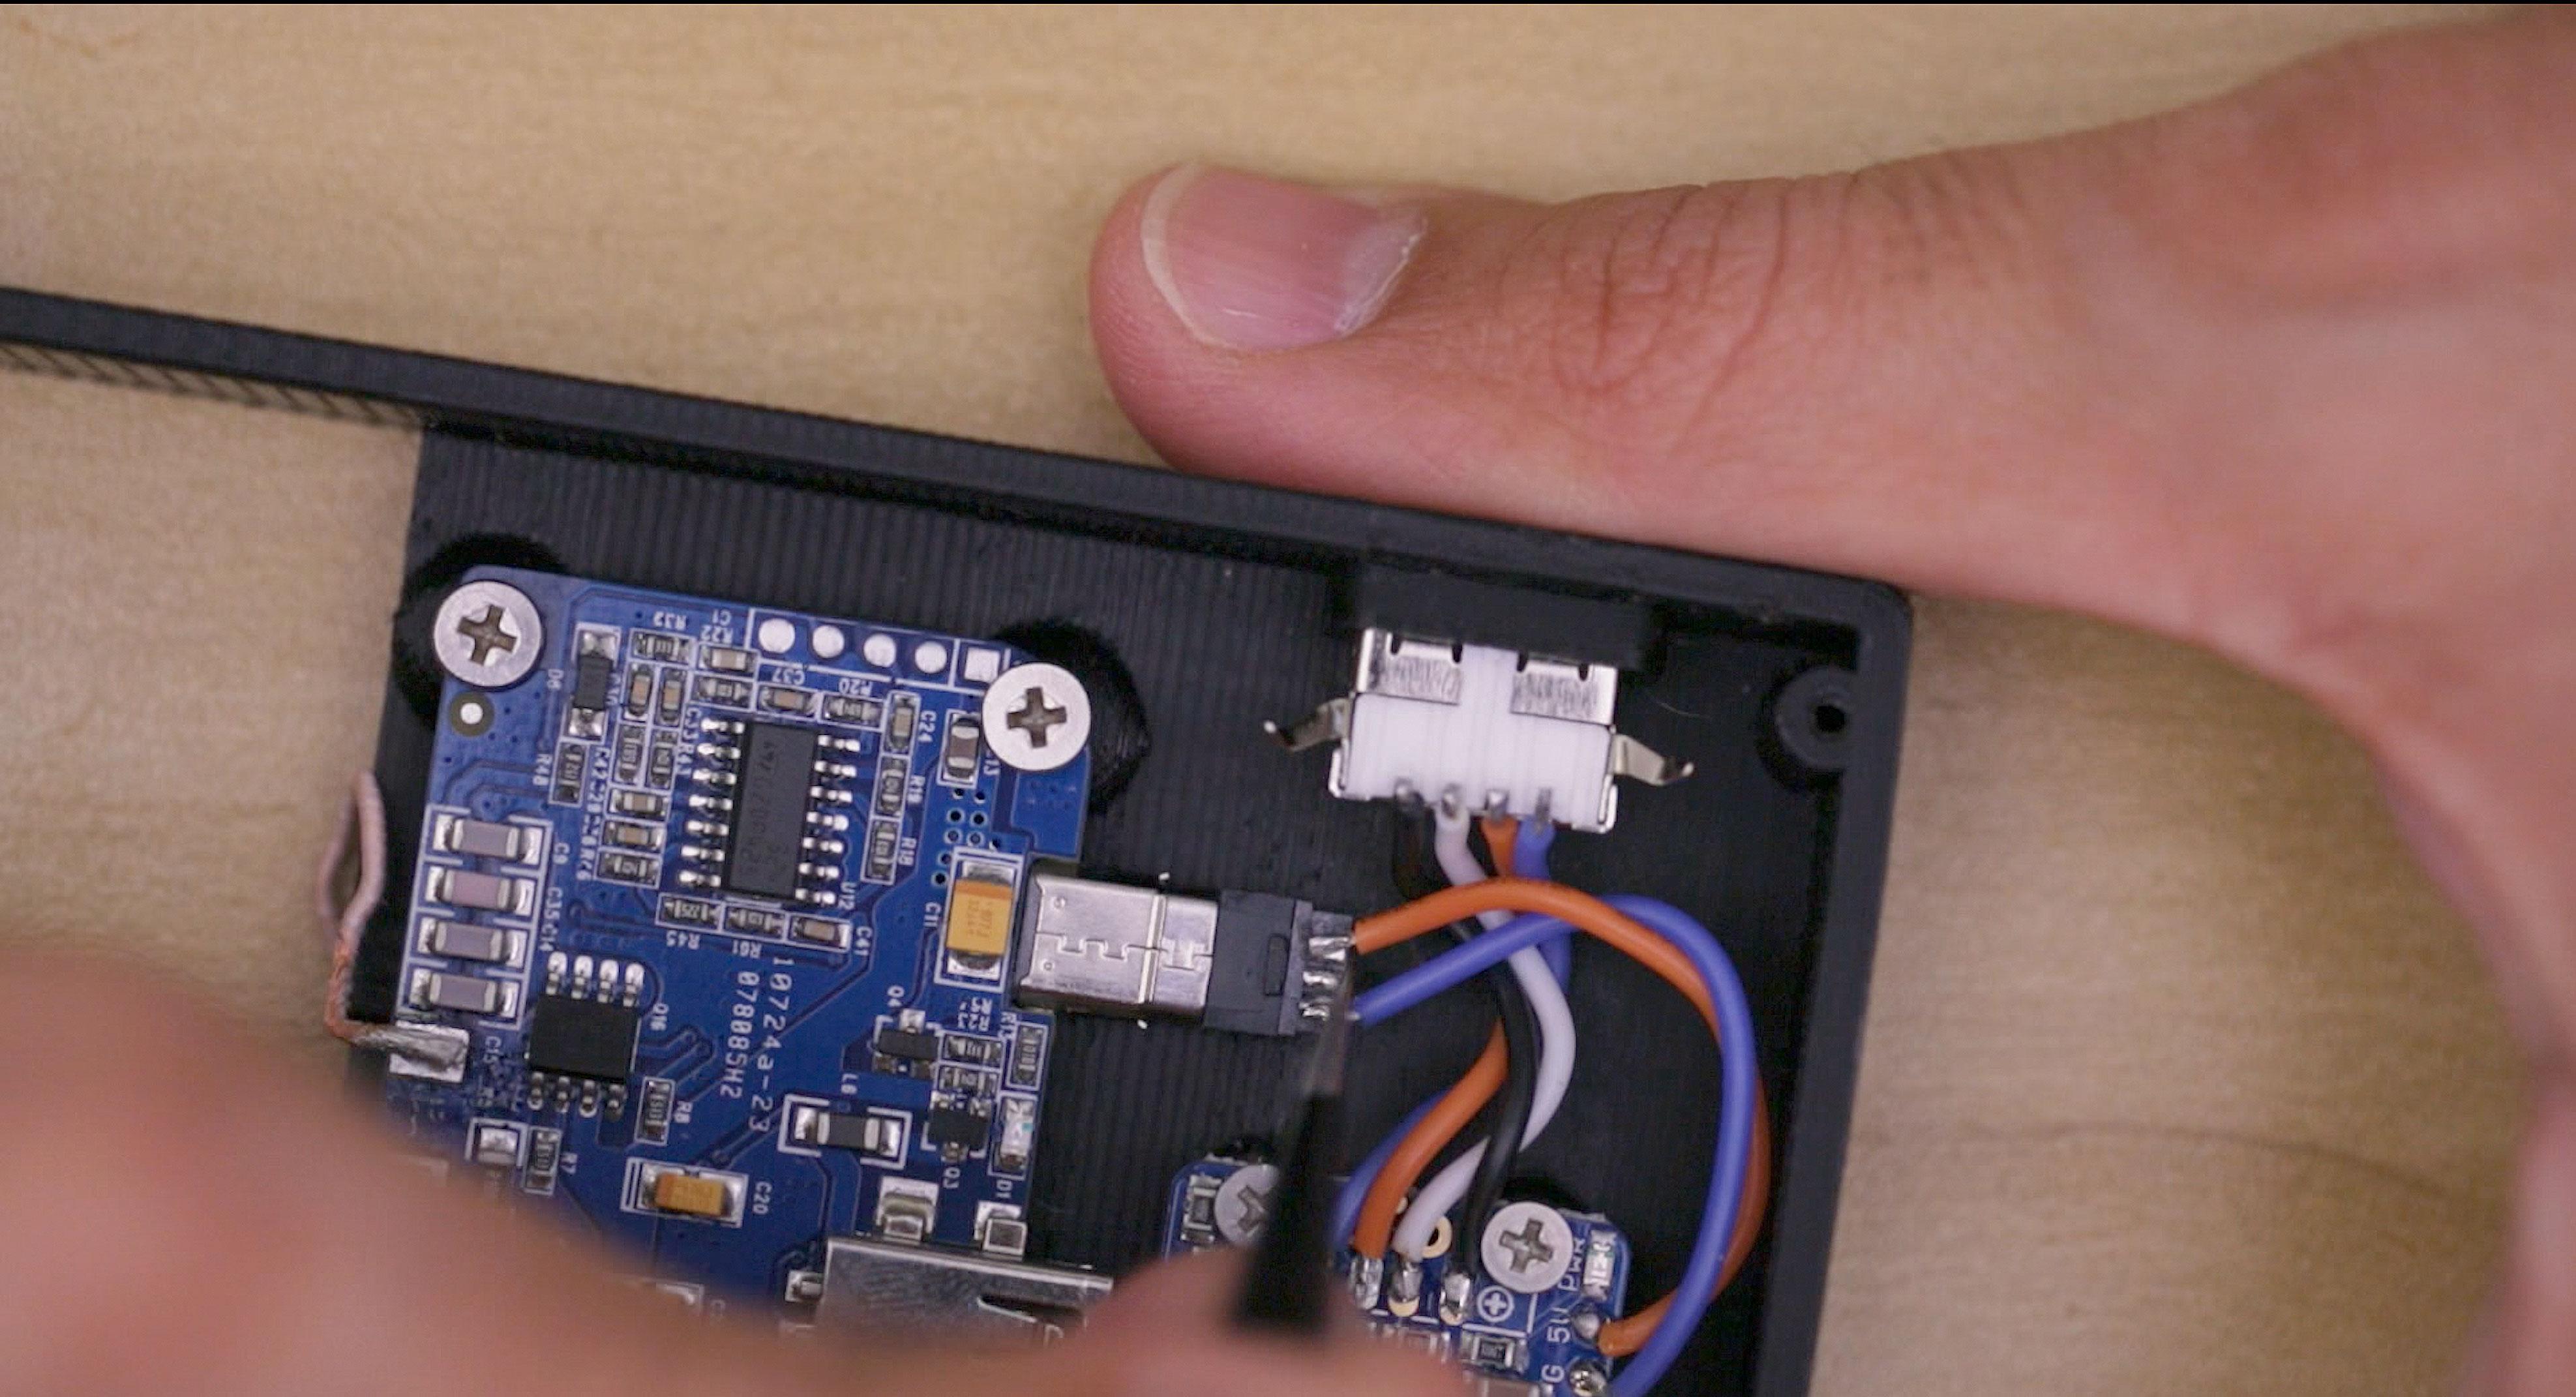 3d_printing_pcb-usb-connect.jpg